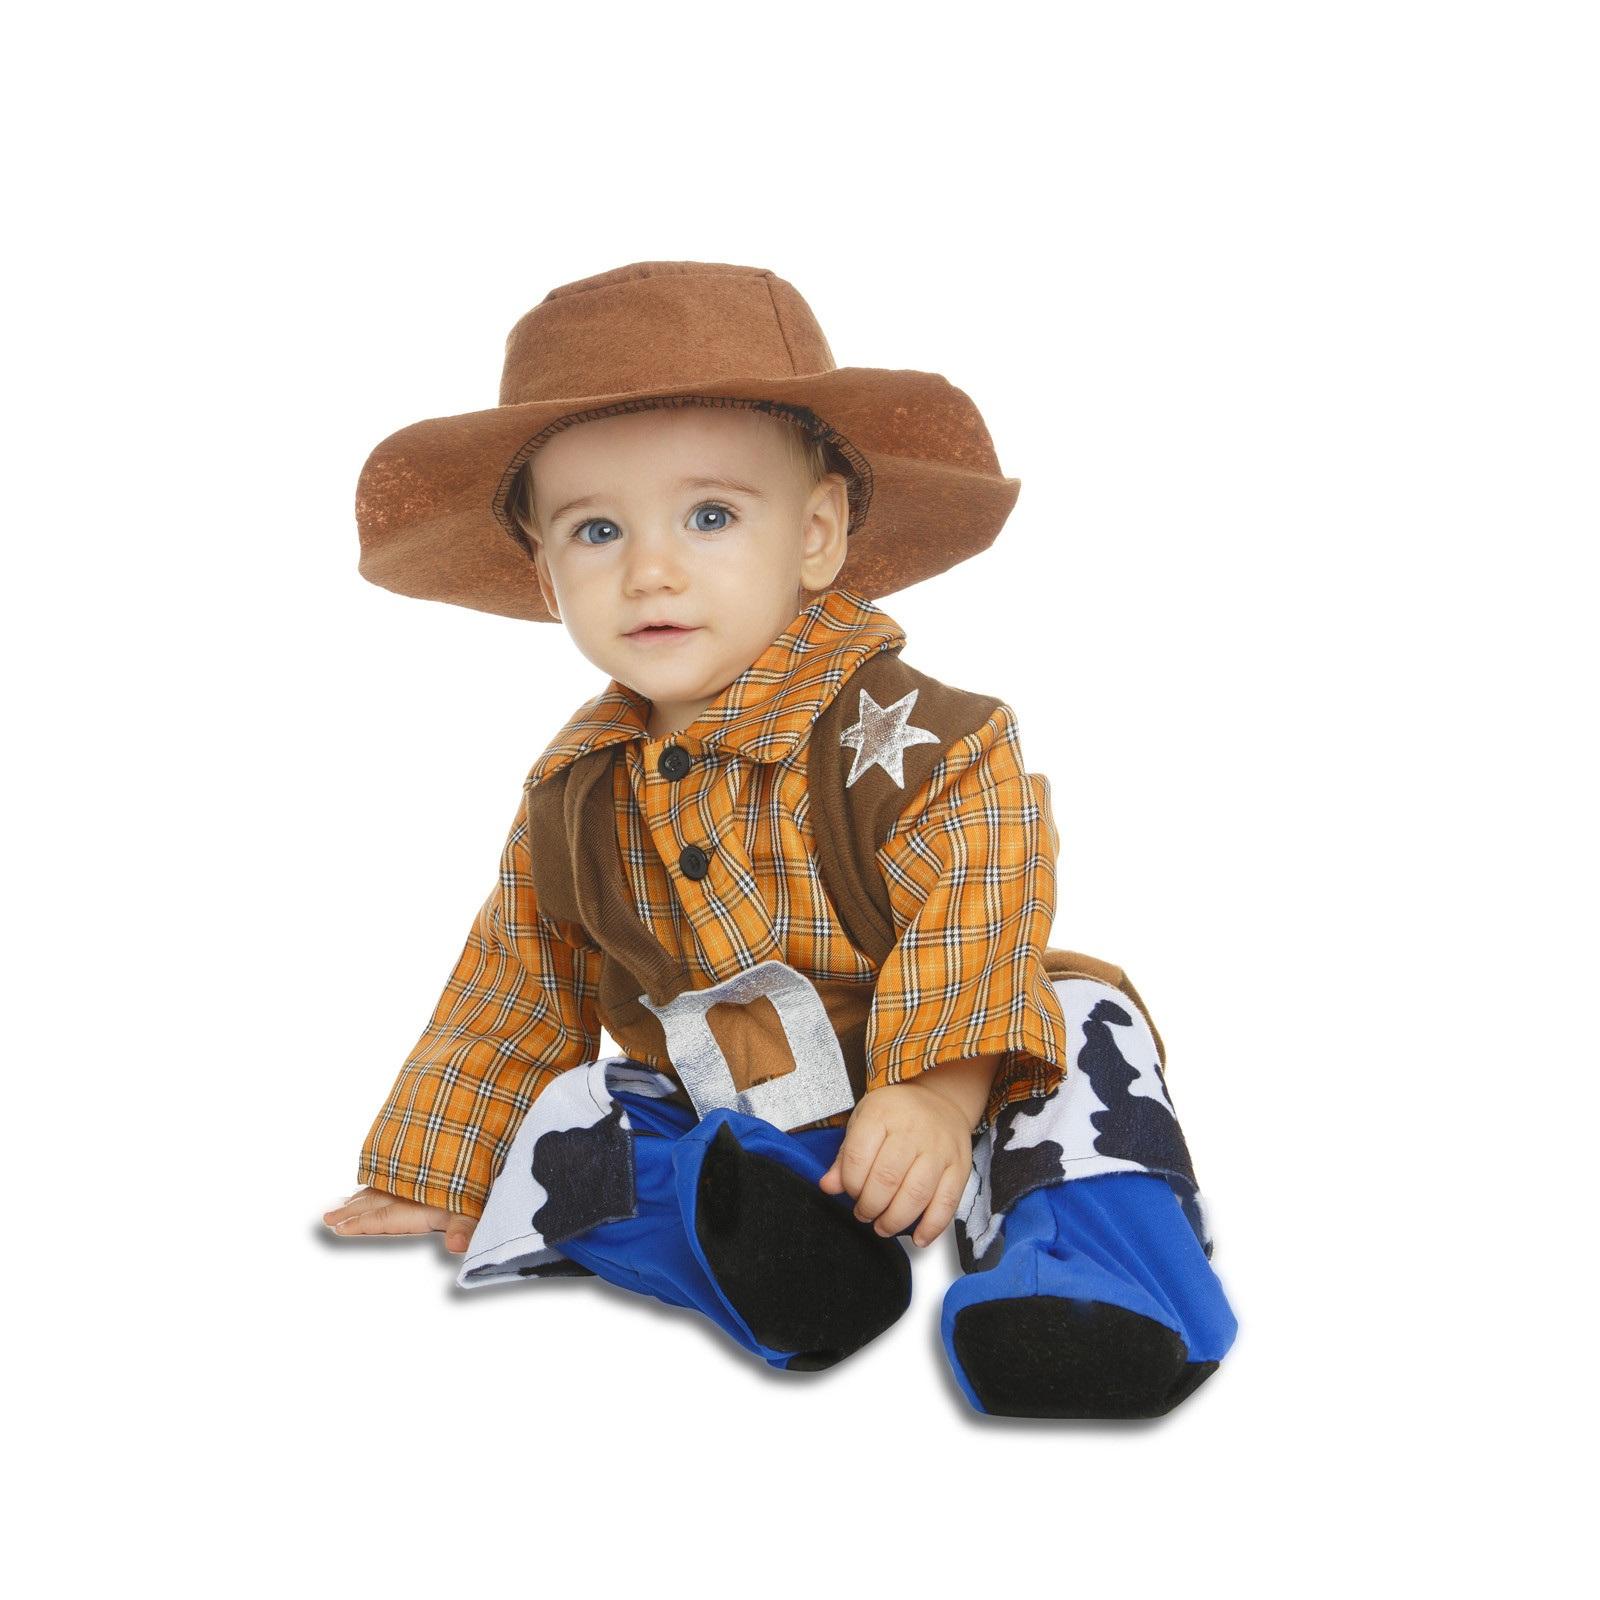 disfraz billy el niño bebé 203286mom - DISFRAZ DE BILLY EL NIÑO BEBE